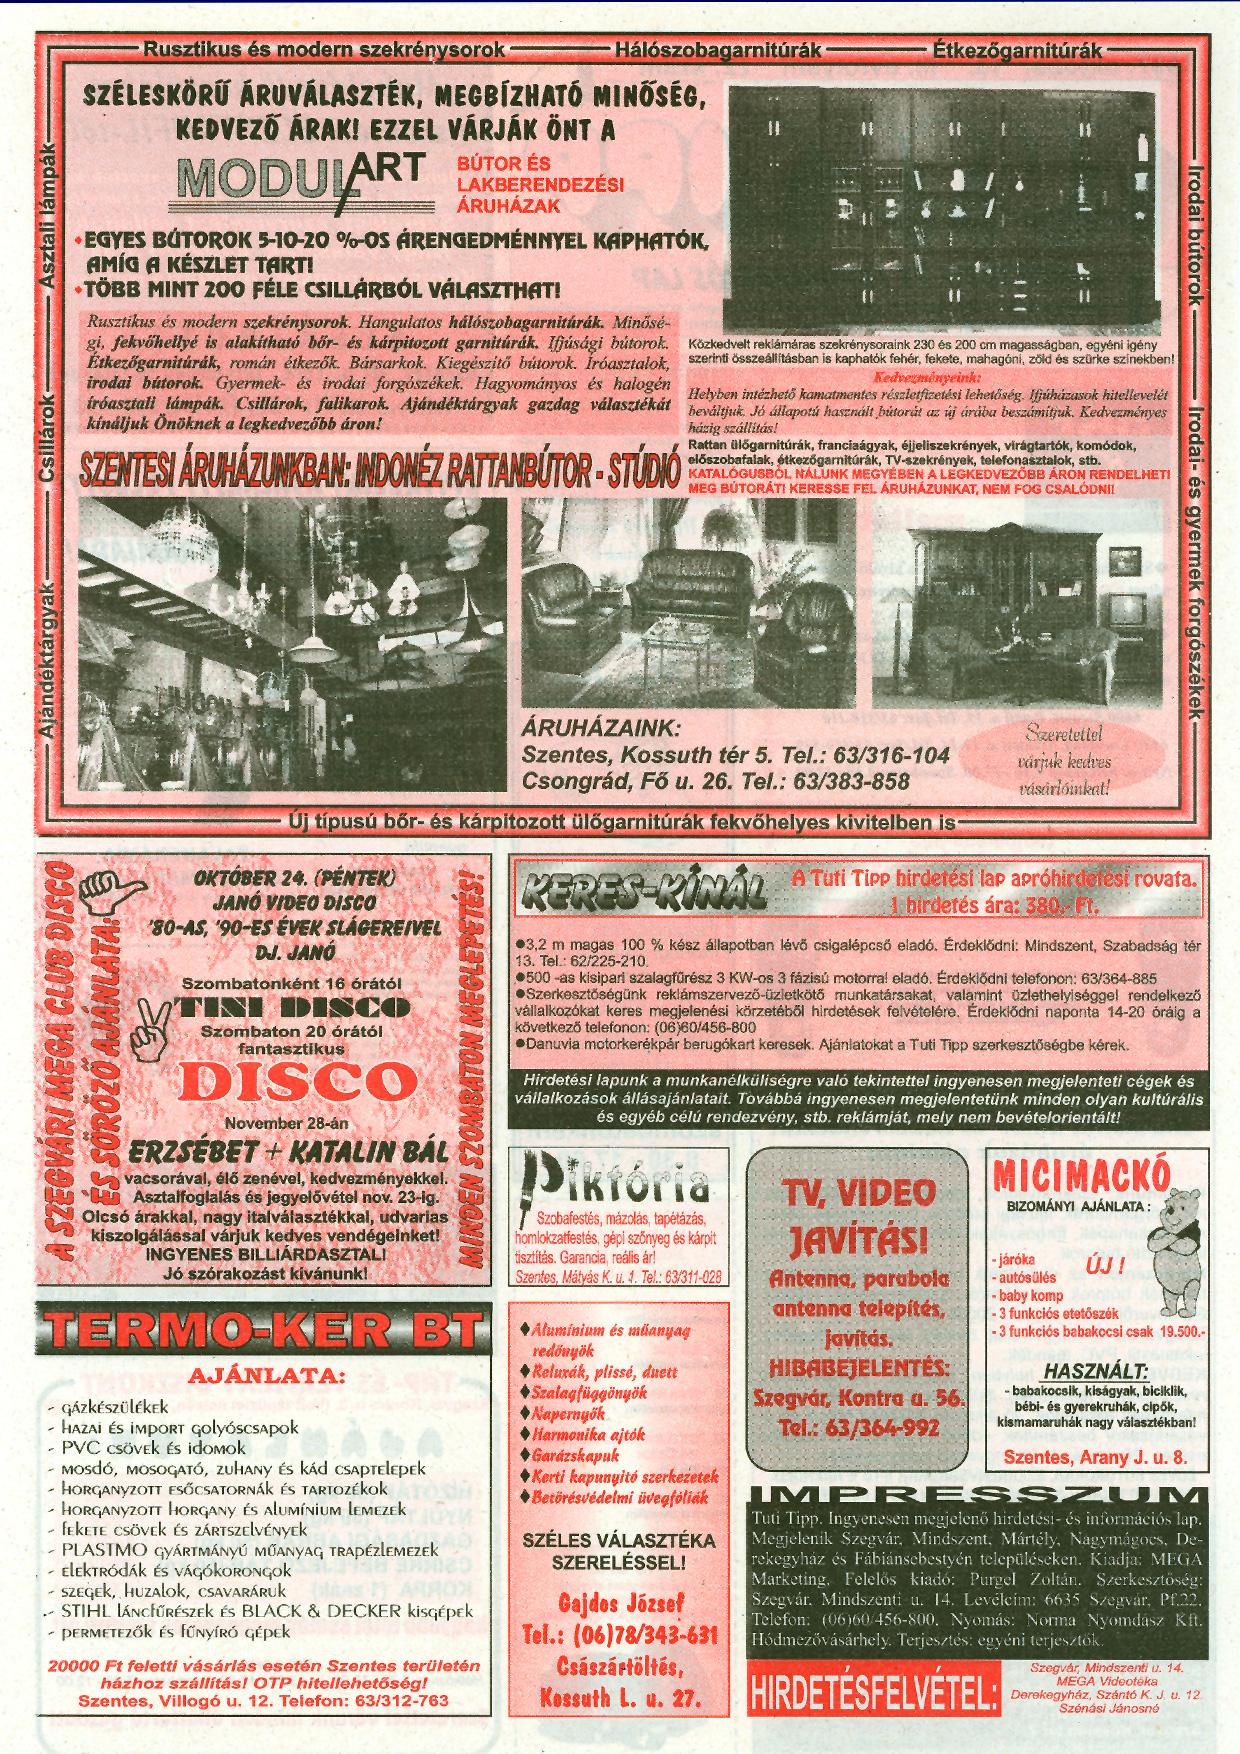 040 Tuti Tipp reklámújság - 19971018-072. lapszám - 2.oldal - III. évfolyam.jpg